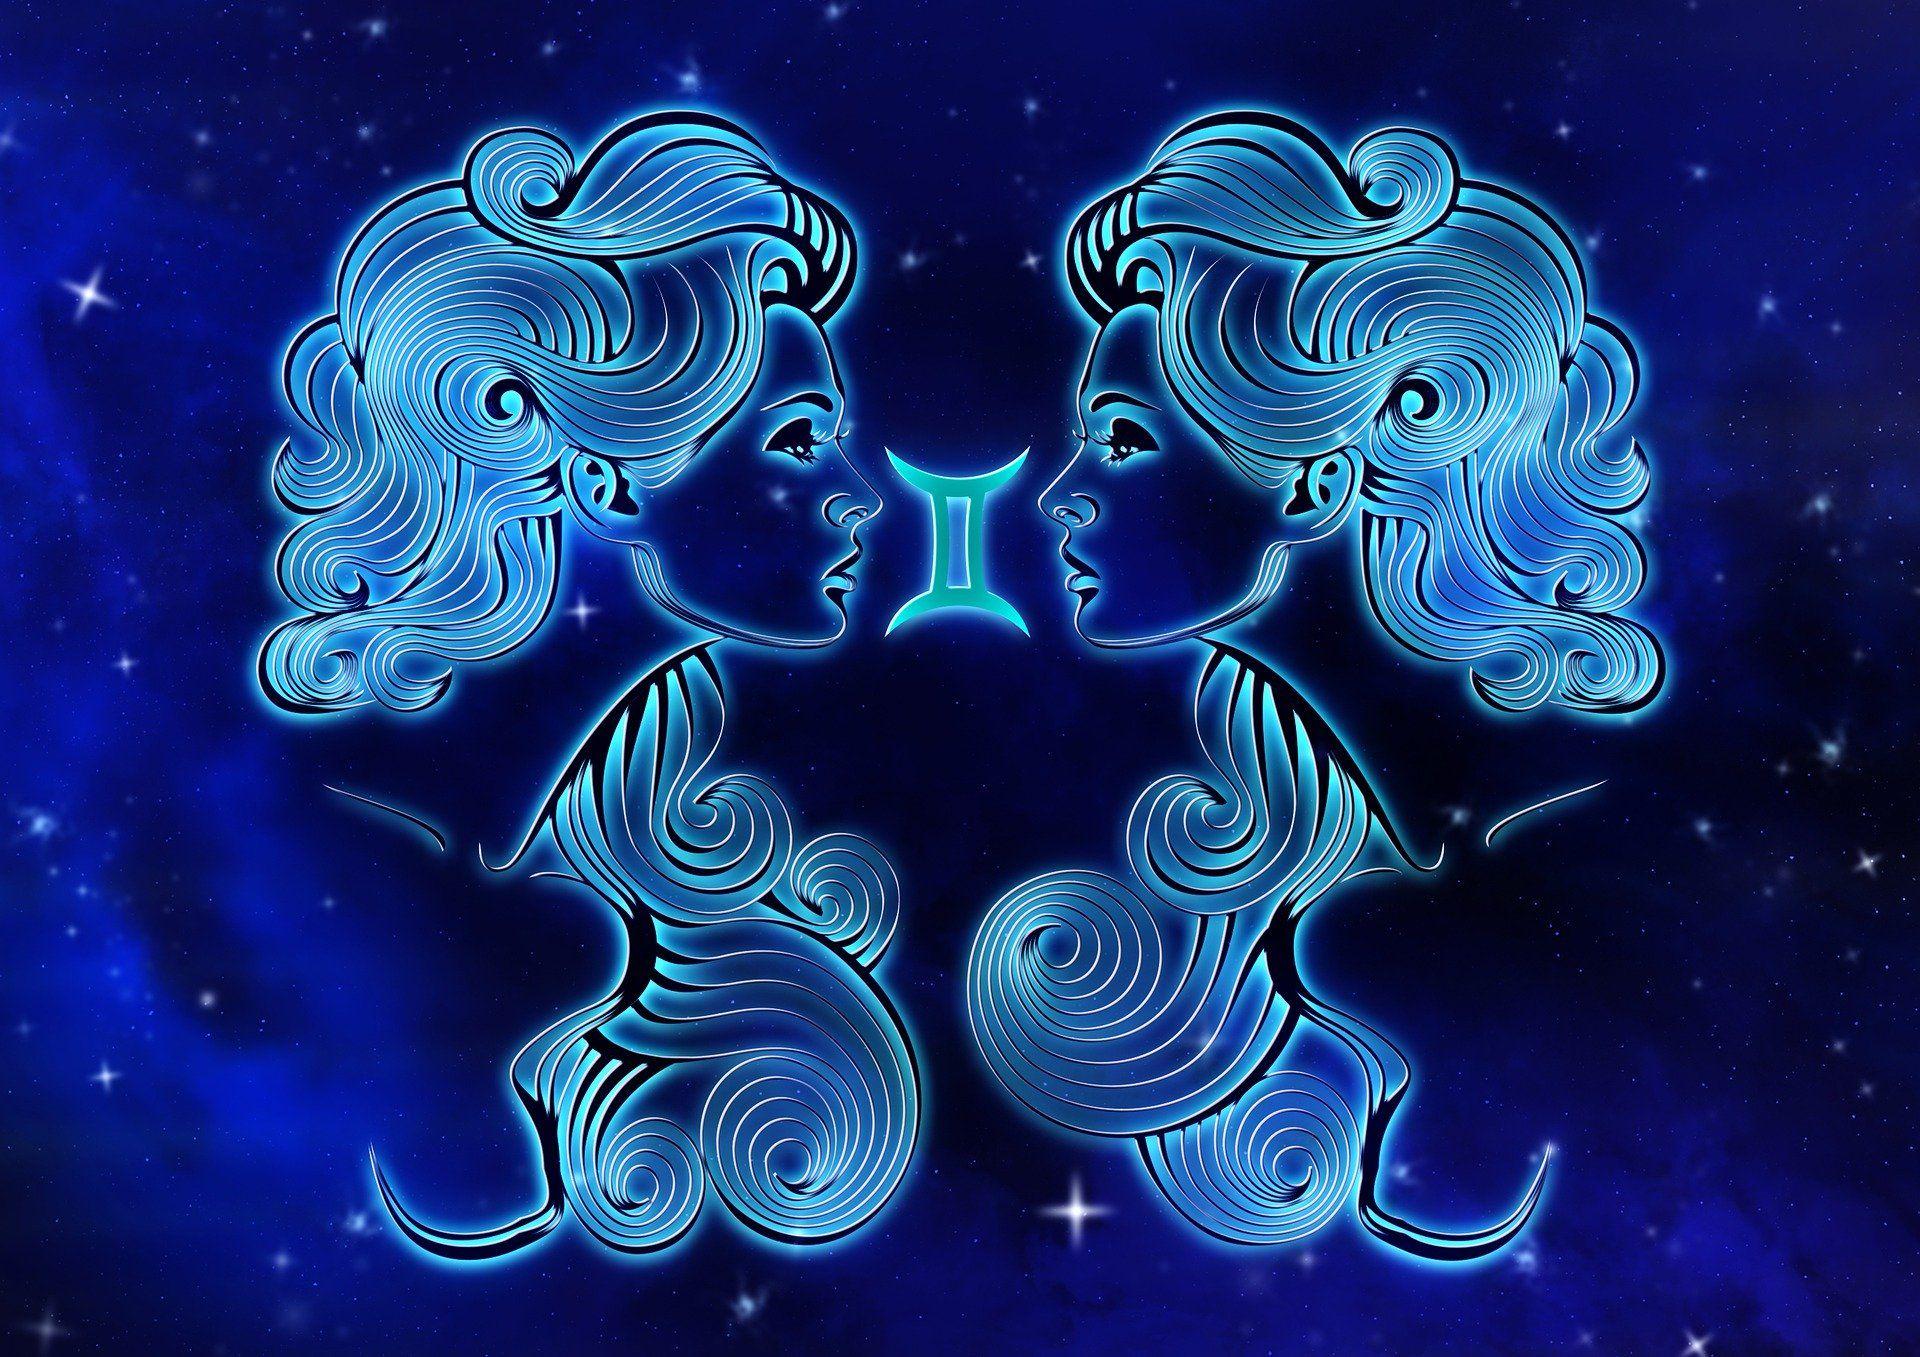 Gawat! 3 Zodiak Ini Dikenal Terlalu Percaya Diri Hingga Merugikan Diri Sendiri